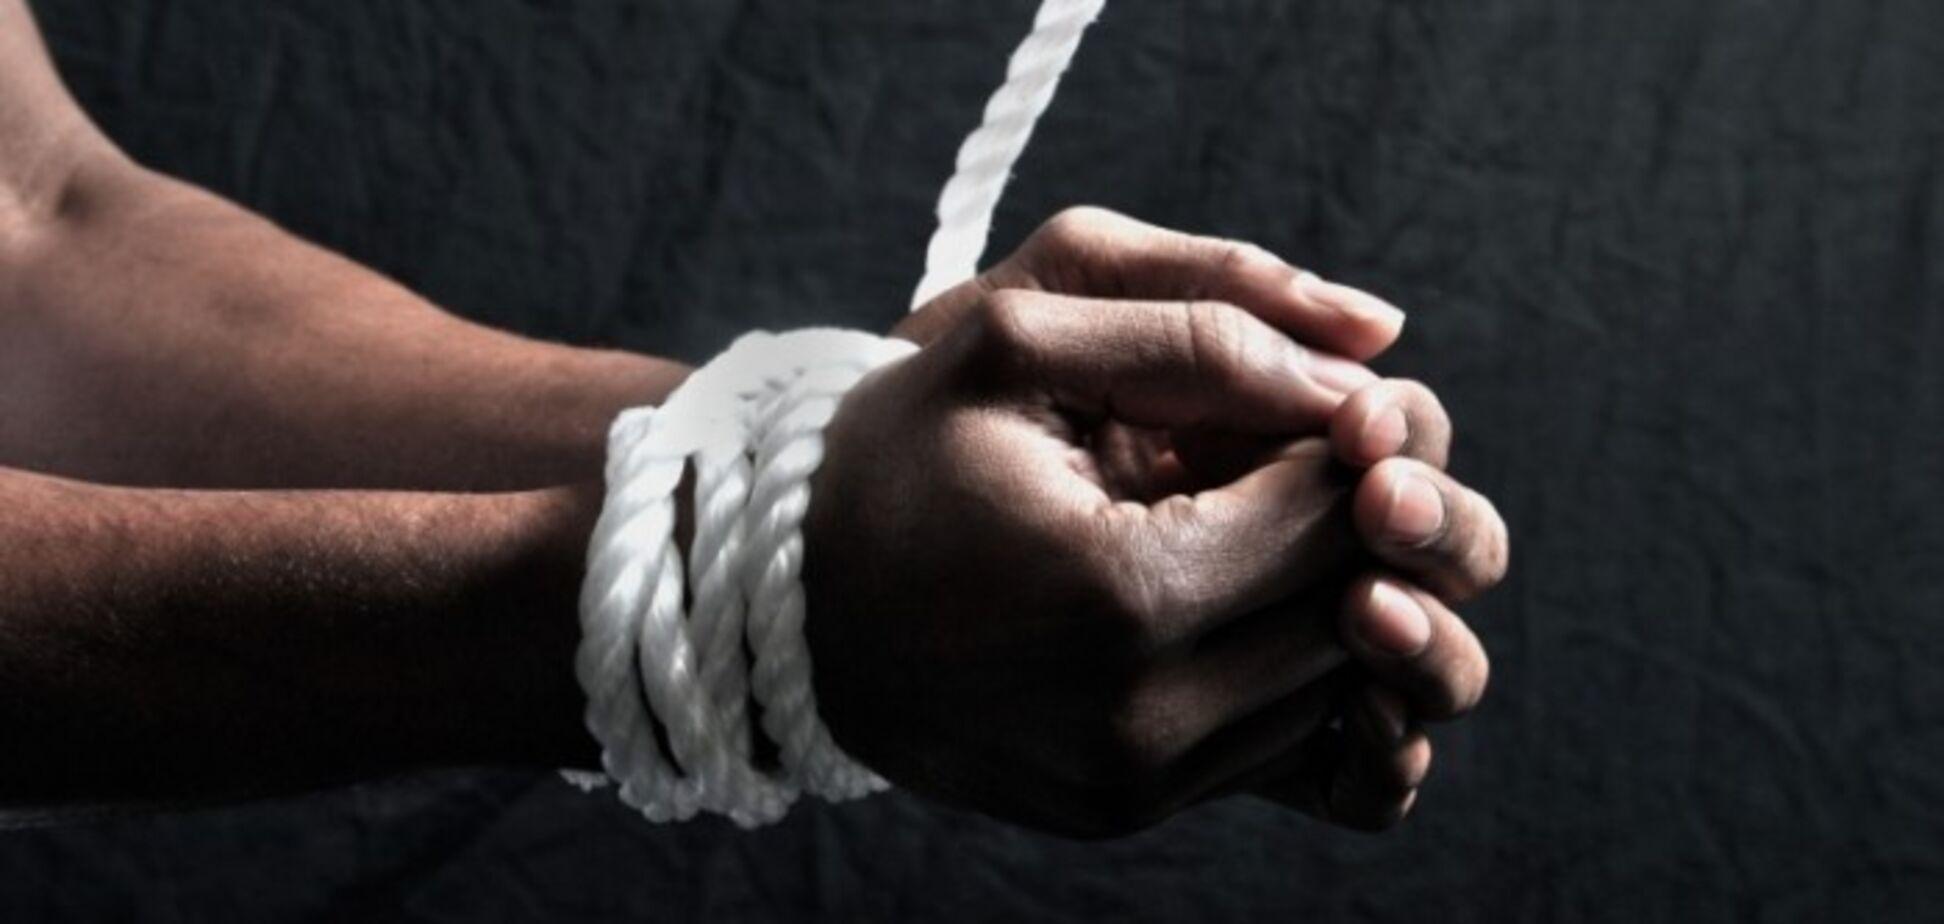 ''Глаз вынимали ложкой, сверлили грудь'': пленные рассказали о пережитых в ''Л/ДНР'' адских пытках